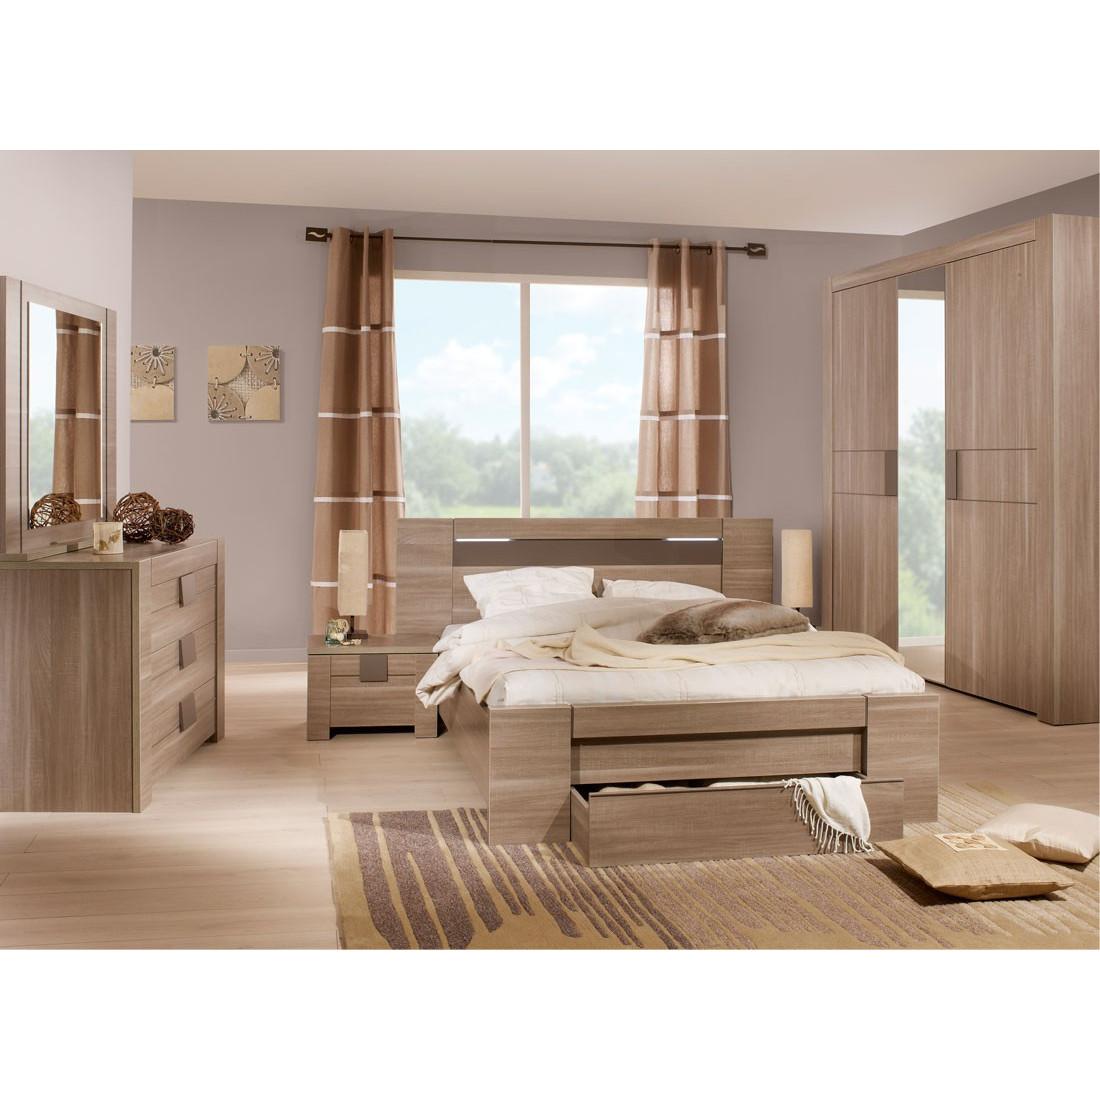 cadre t te de lit 140 190 macao univers chambre tousmesmeubles. Black Bedroom Furniture Sets. Home Design Ideas